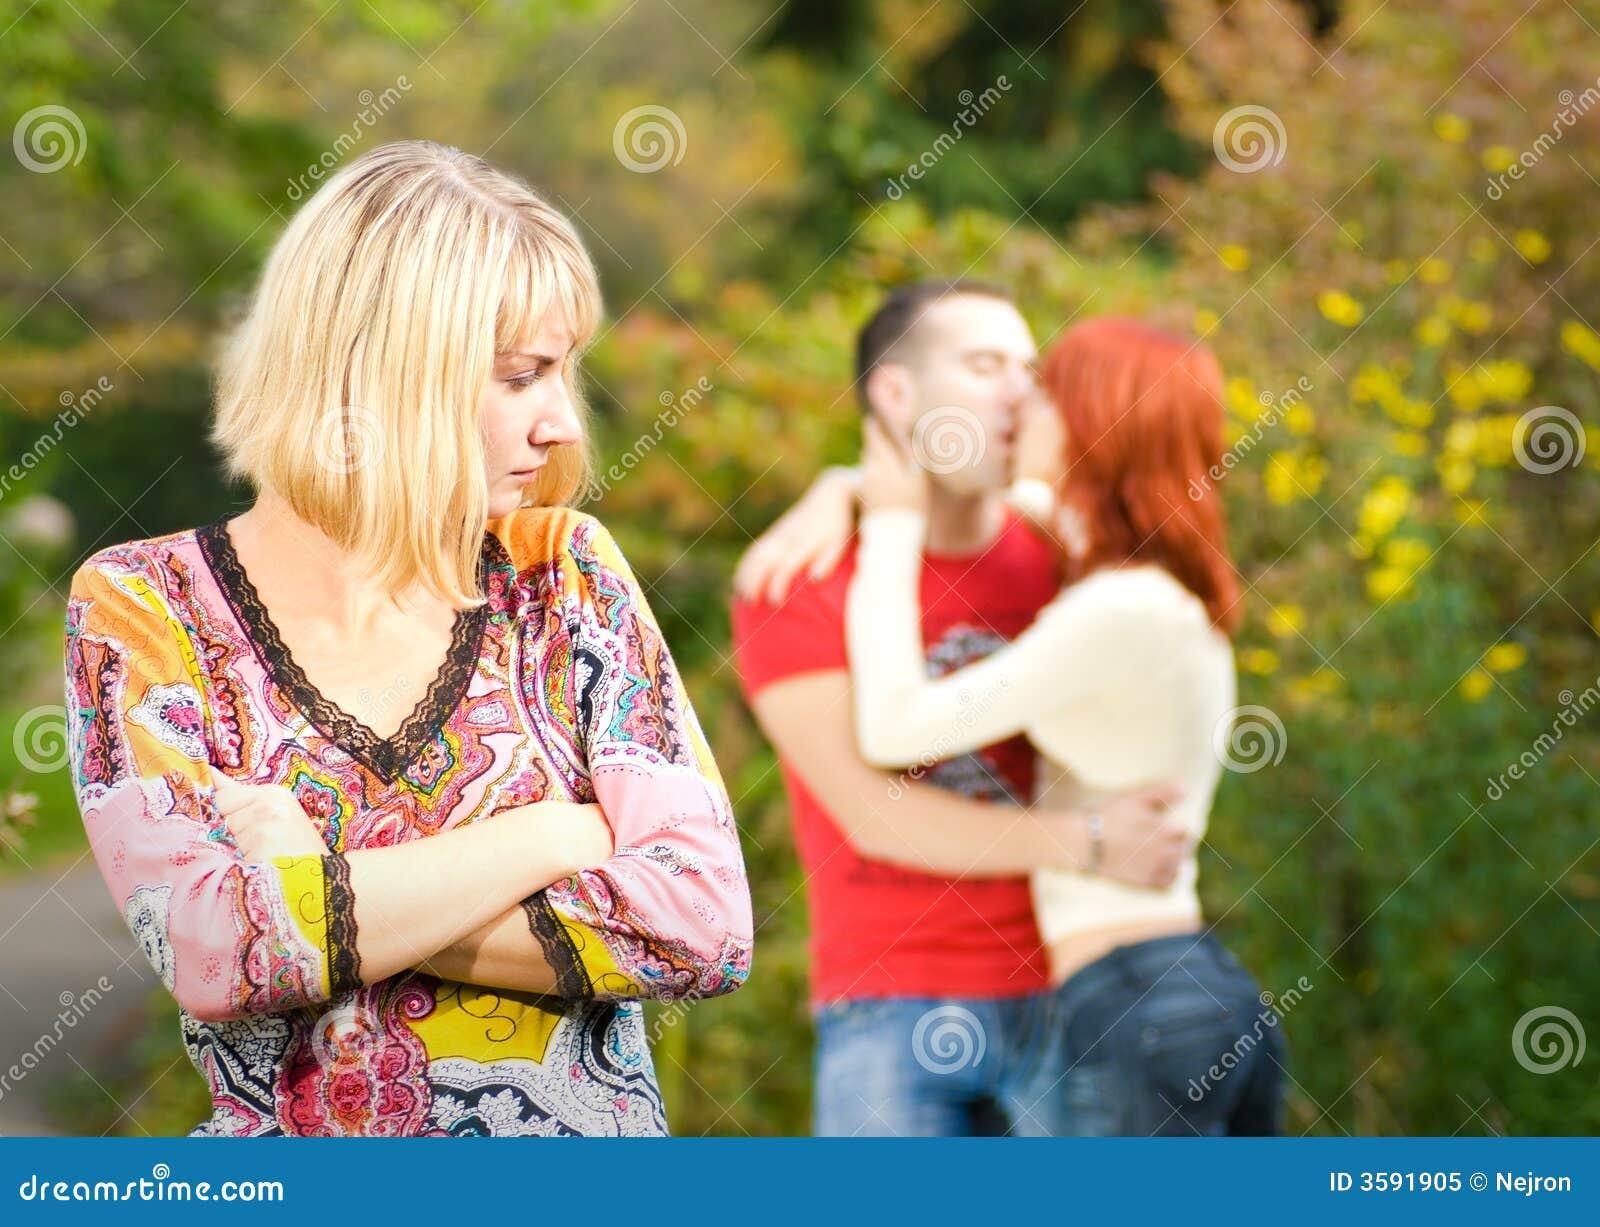 Три девушки поймали парня и, В парке три девушки раздели парня и дрочат ему член 24 фотография